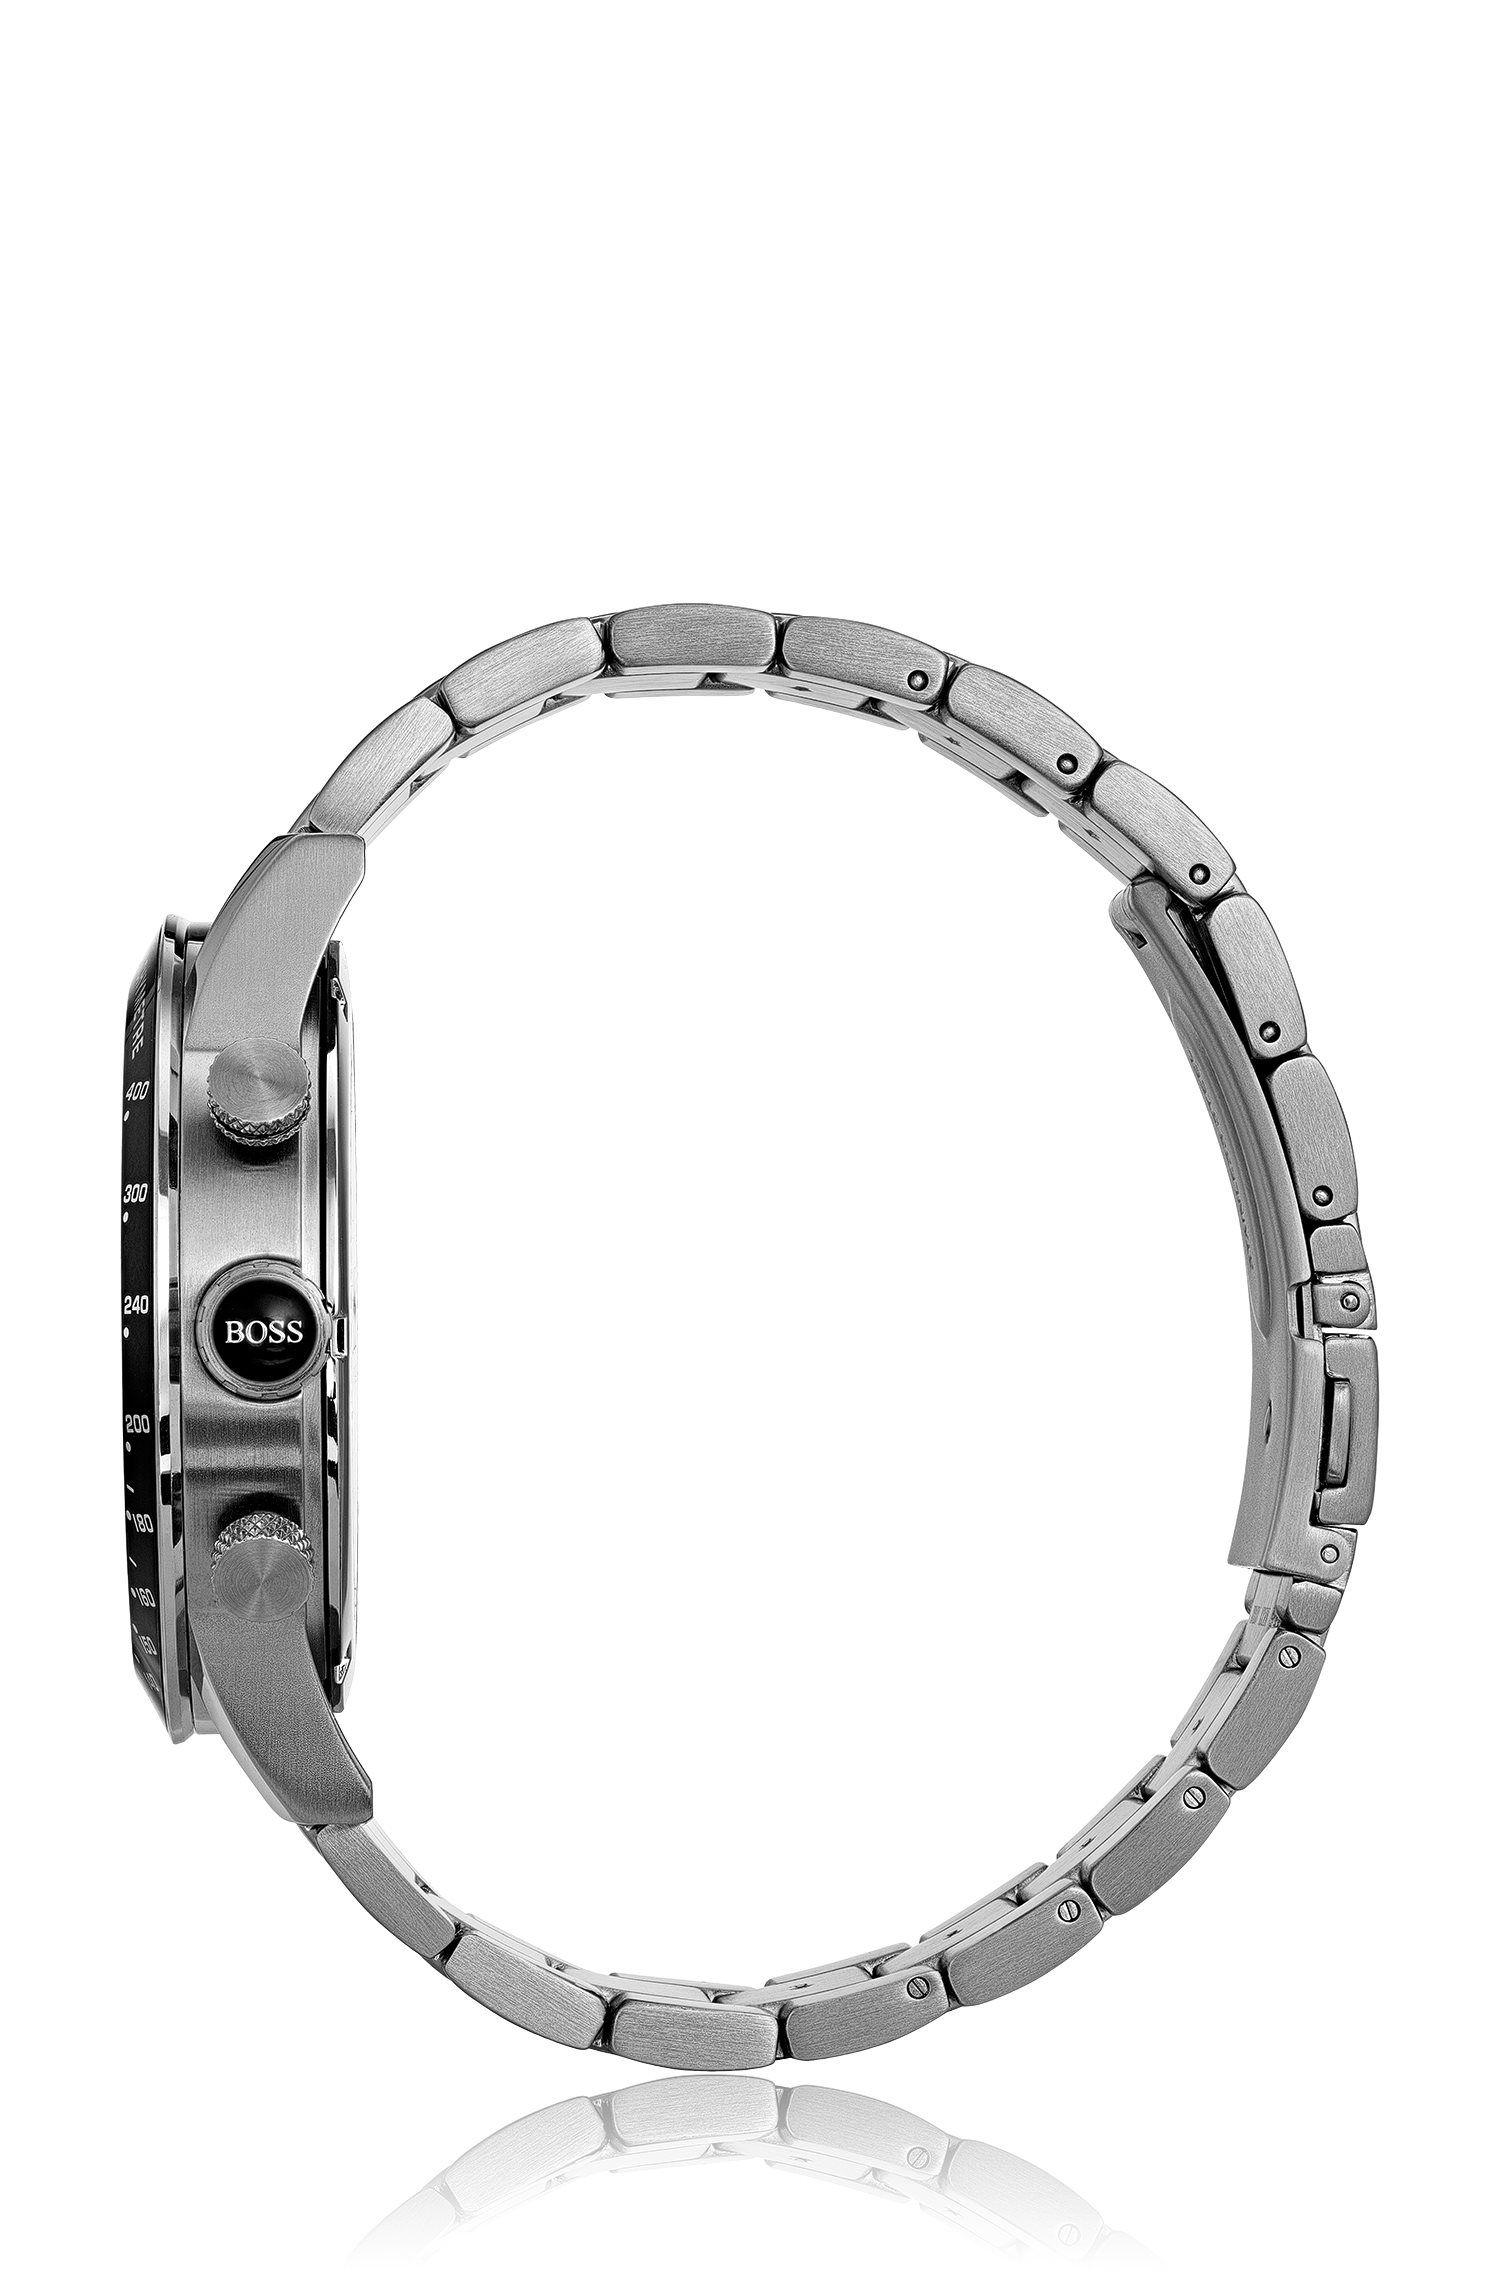 Sportuhr aus Edelstahl mit Gliederarmband, Silber